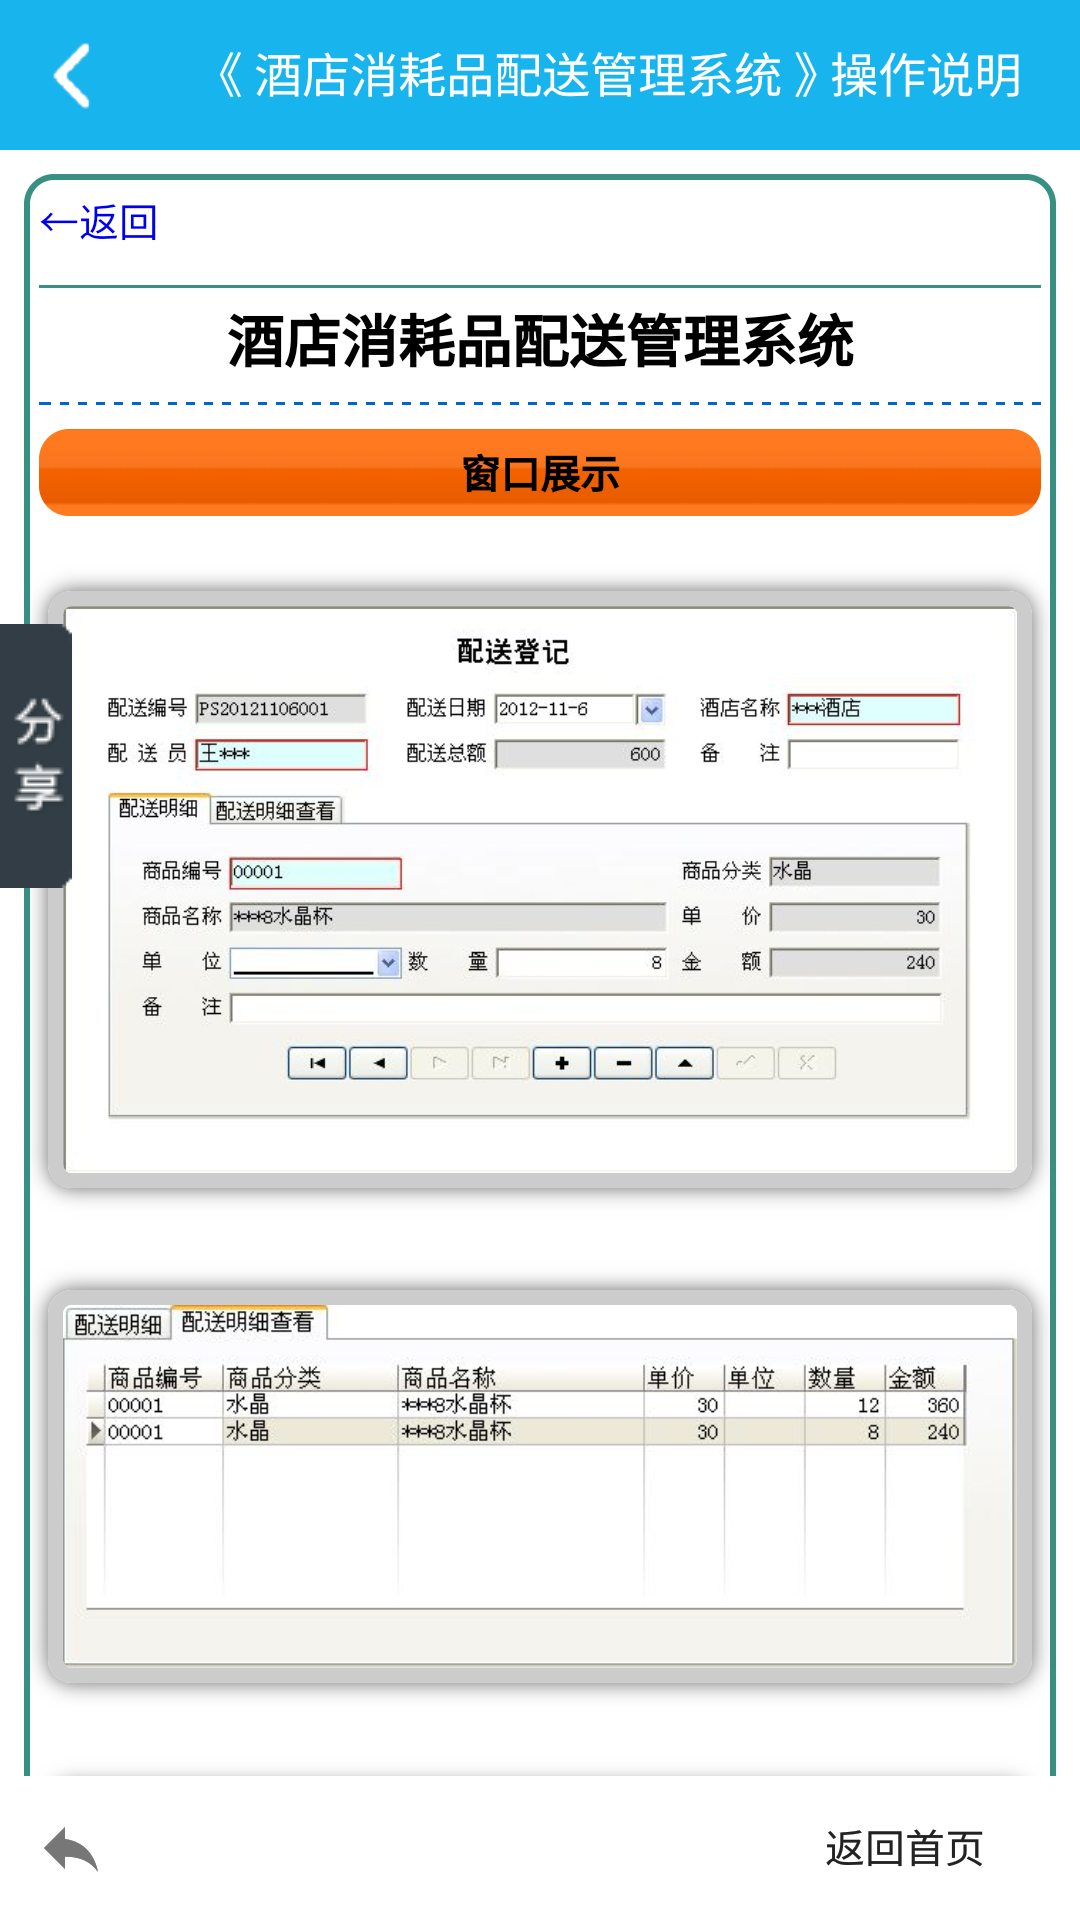 消耗品配送管理系统